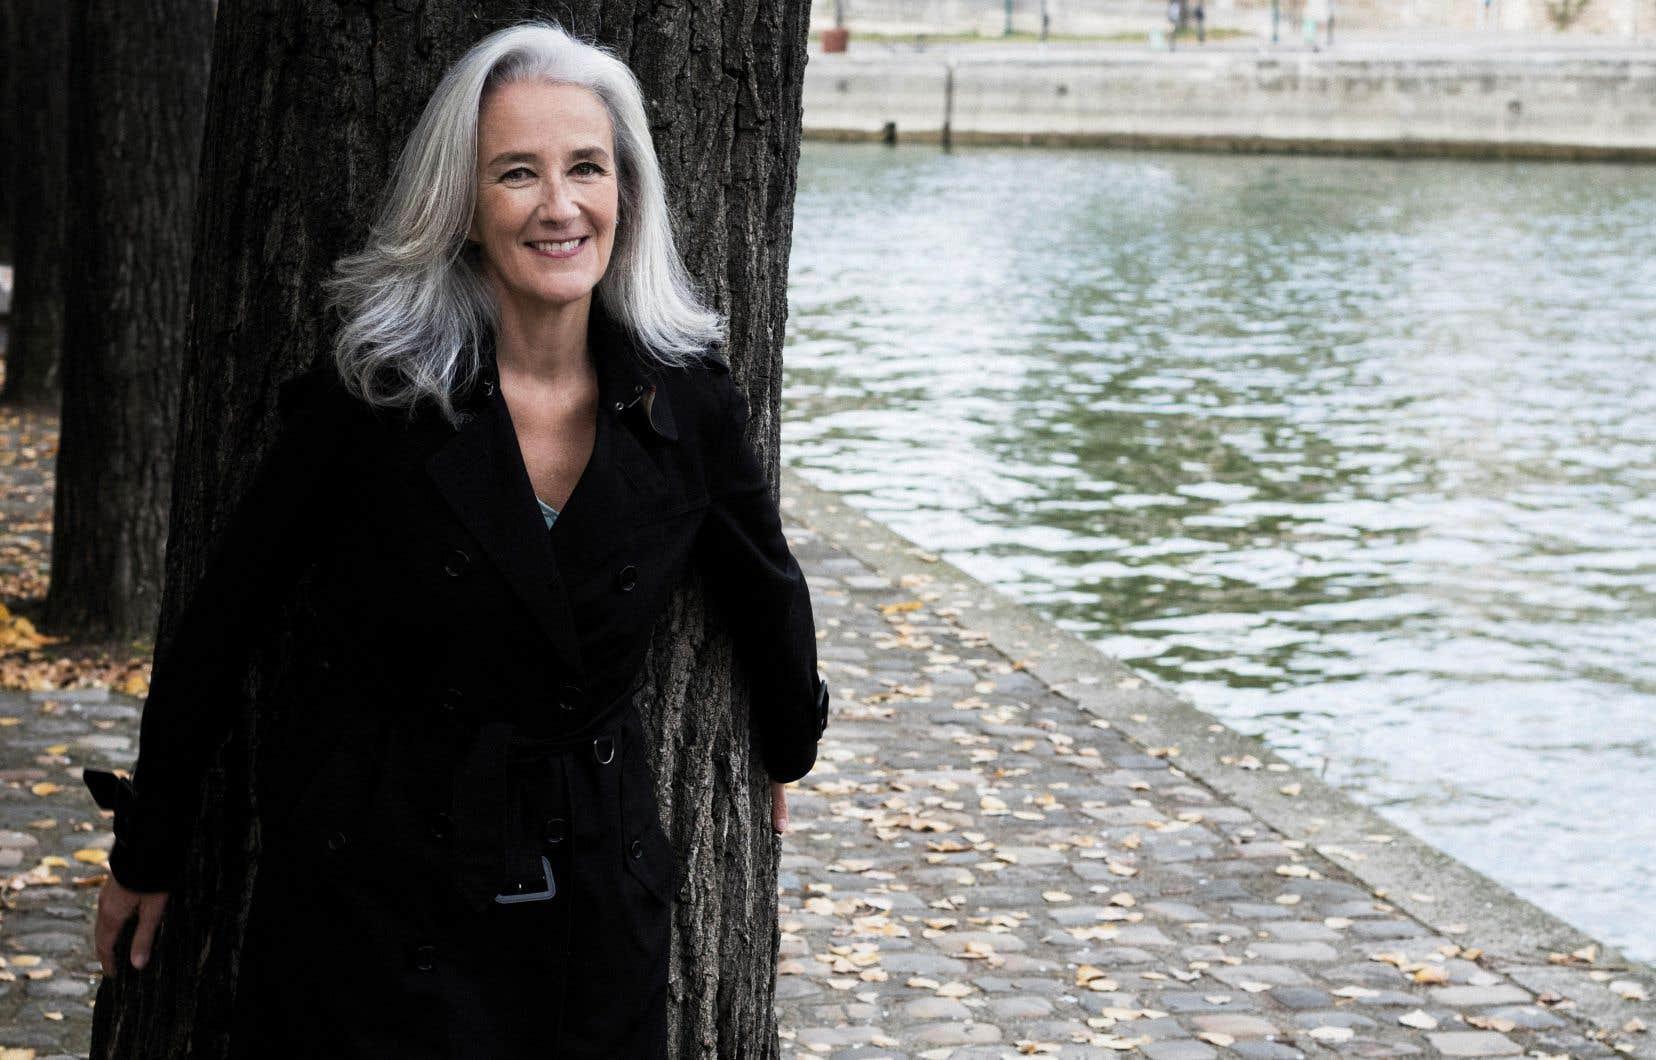 Bien que le roman se déroule à Paris, l'écrivaine franco-britannique Tatiana de Rosnay a préféré le rédiger en anglais.